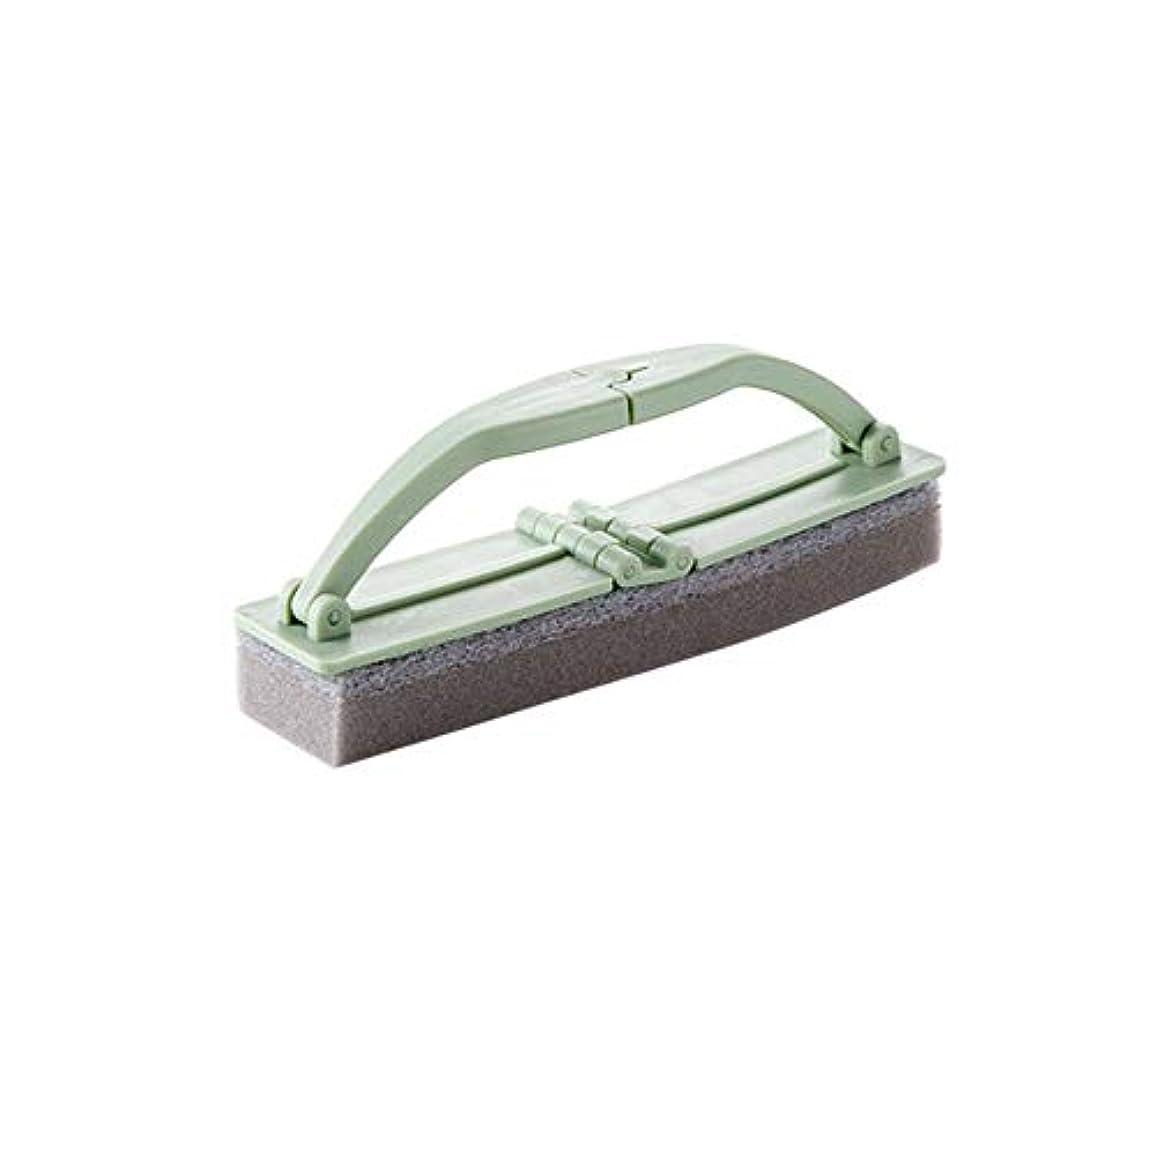 繁雑ひねくれた国際ポアクリーニング 折りたたみ式の浴室スポンジハンドル付き強力な汚染除去タイルクリーニングスポンジブラシ2 PCS マッサージブラシ (色 : 緑)